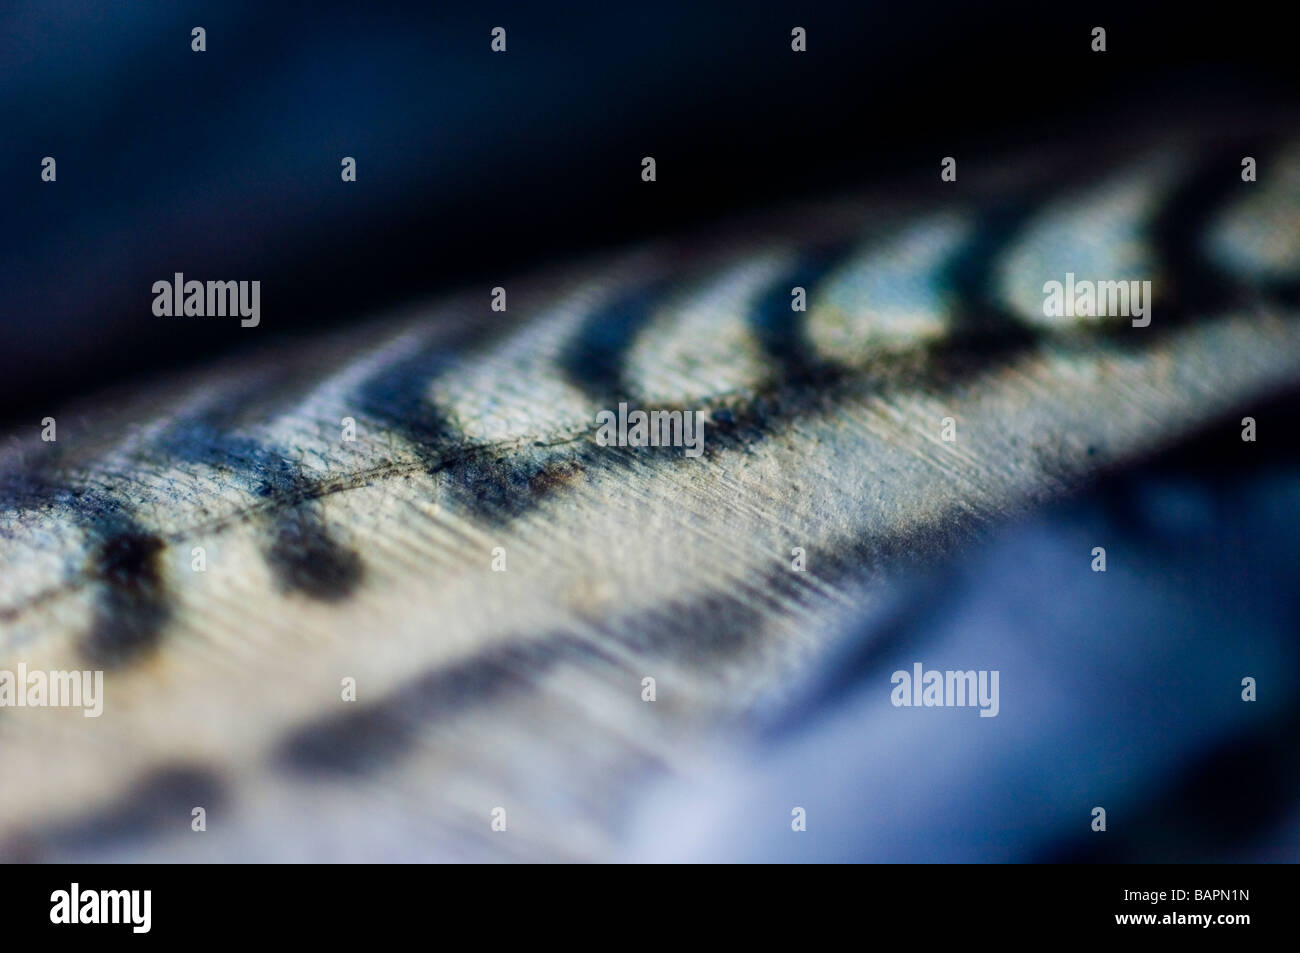 Scomber scombrus. Makrele Skalen, Nahaufnahme, Großbritannien Stockbild